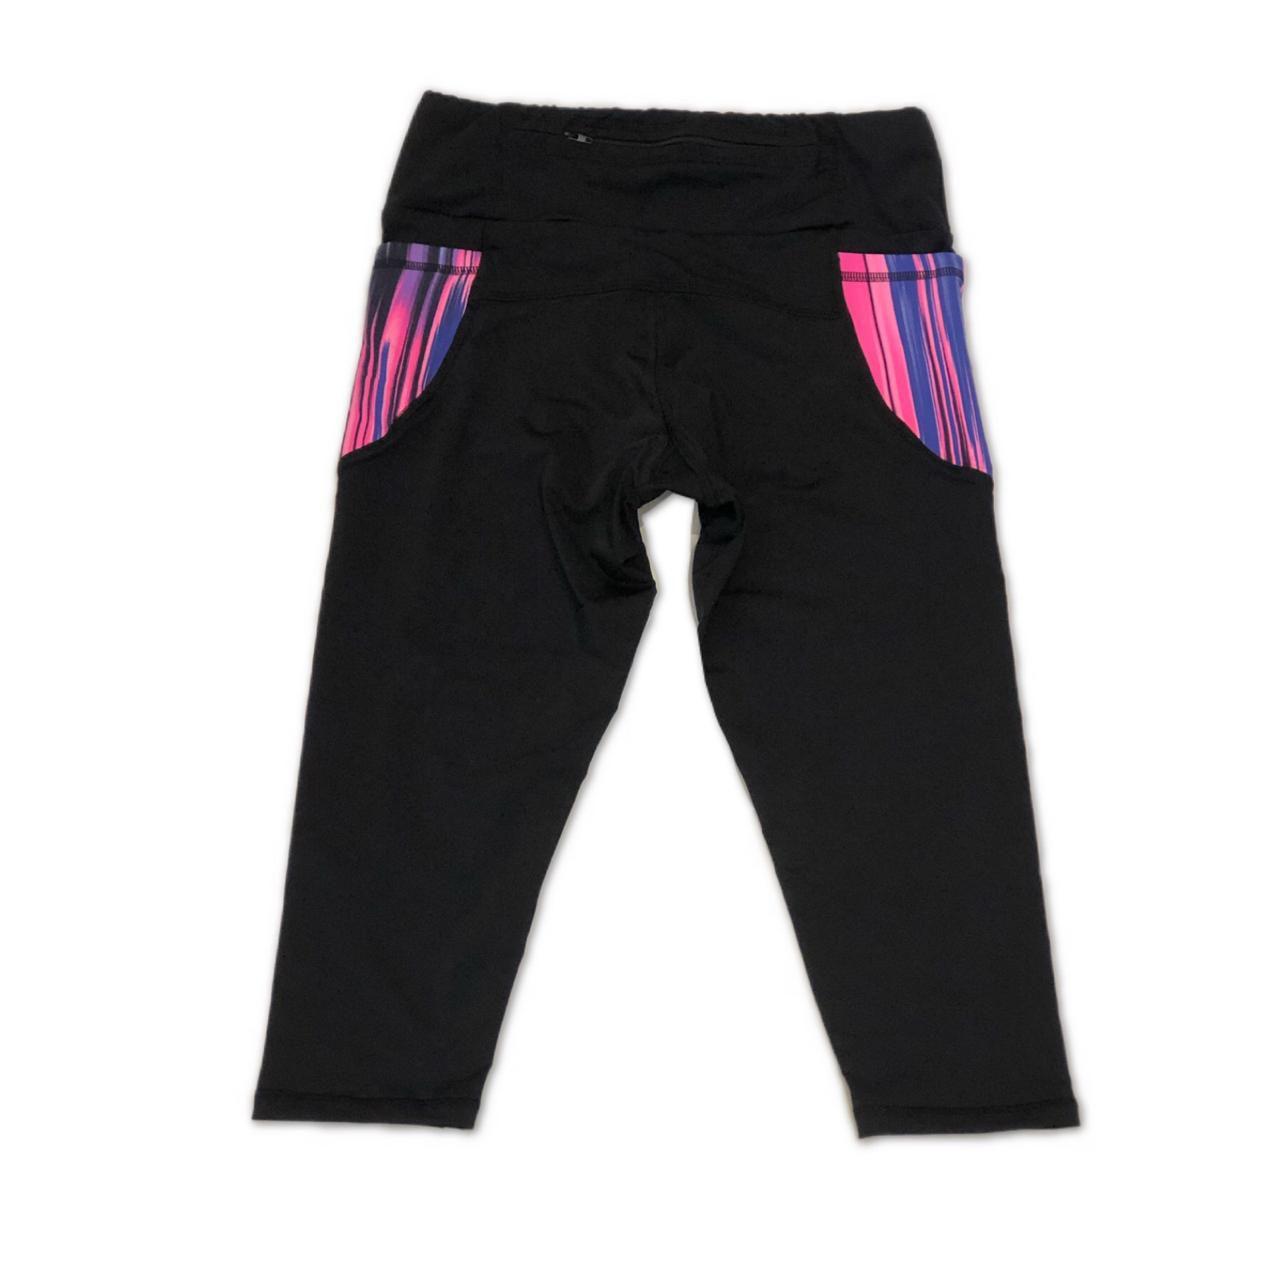 Legging capri em sportiva preto com bolsos laterais listrado e bolso ziper atrás